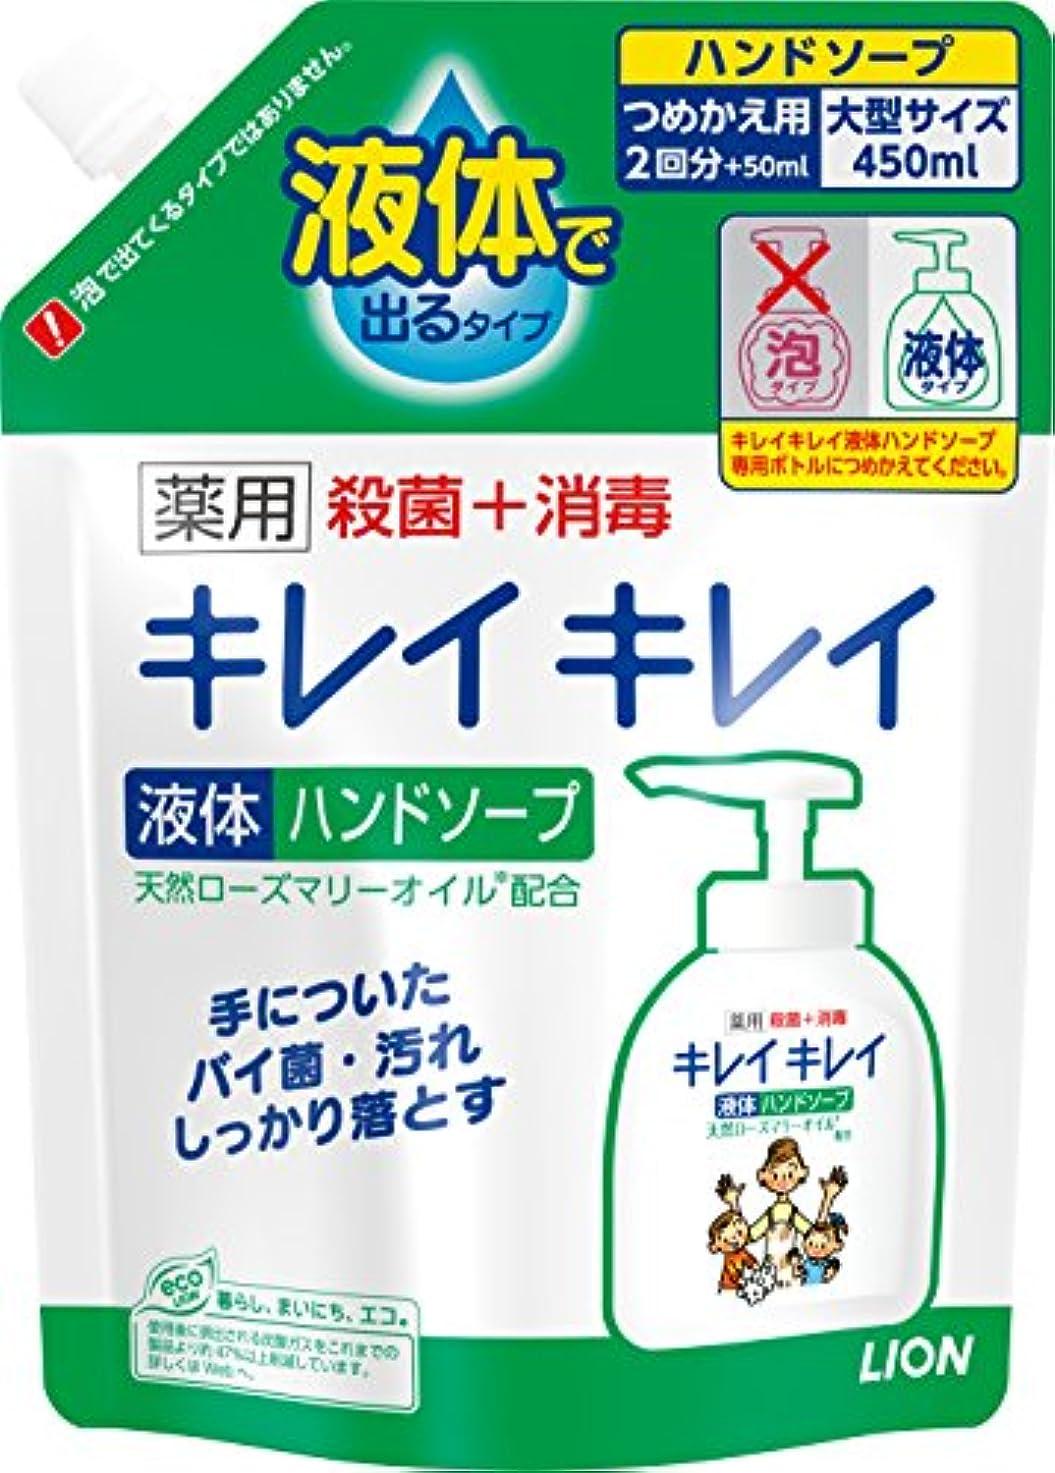 接続政治穀物キレイキレイ 薬用 液体ハンドソープ 詰め替え 450ml(医薬部外品)